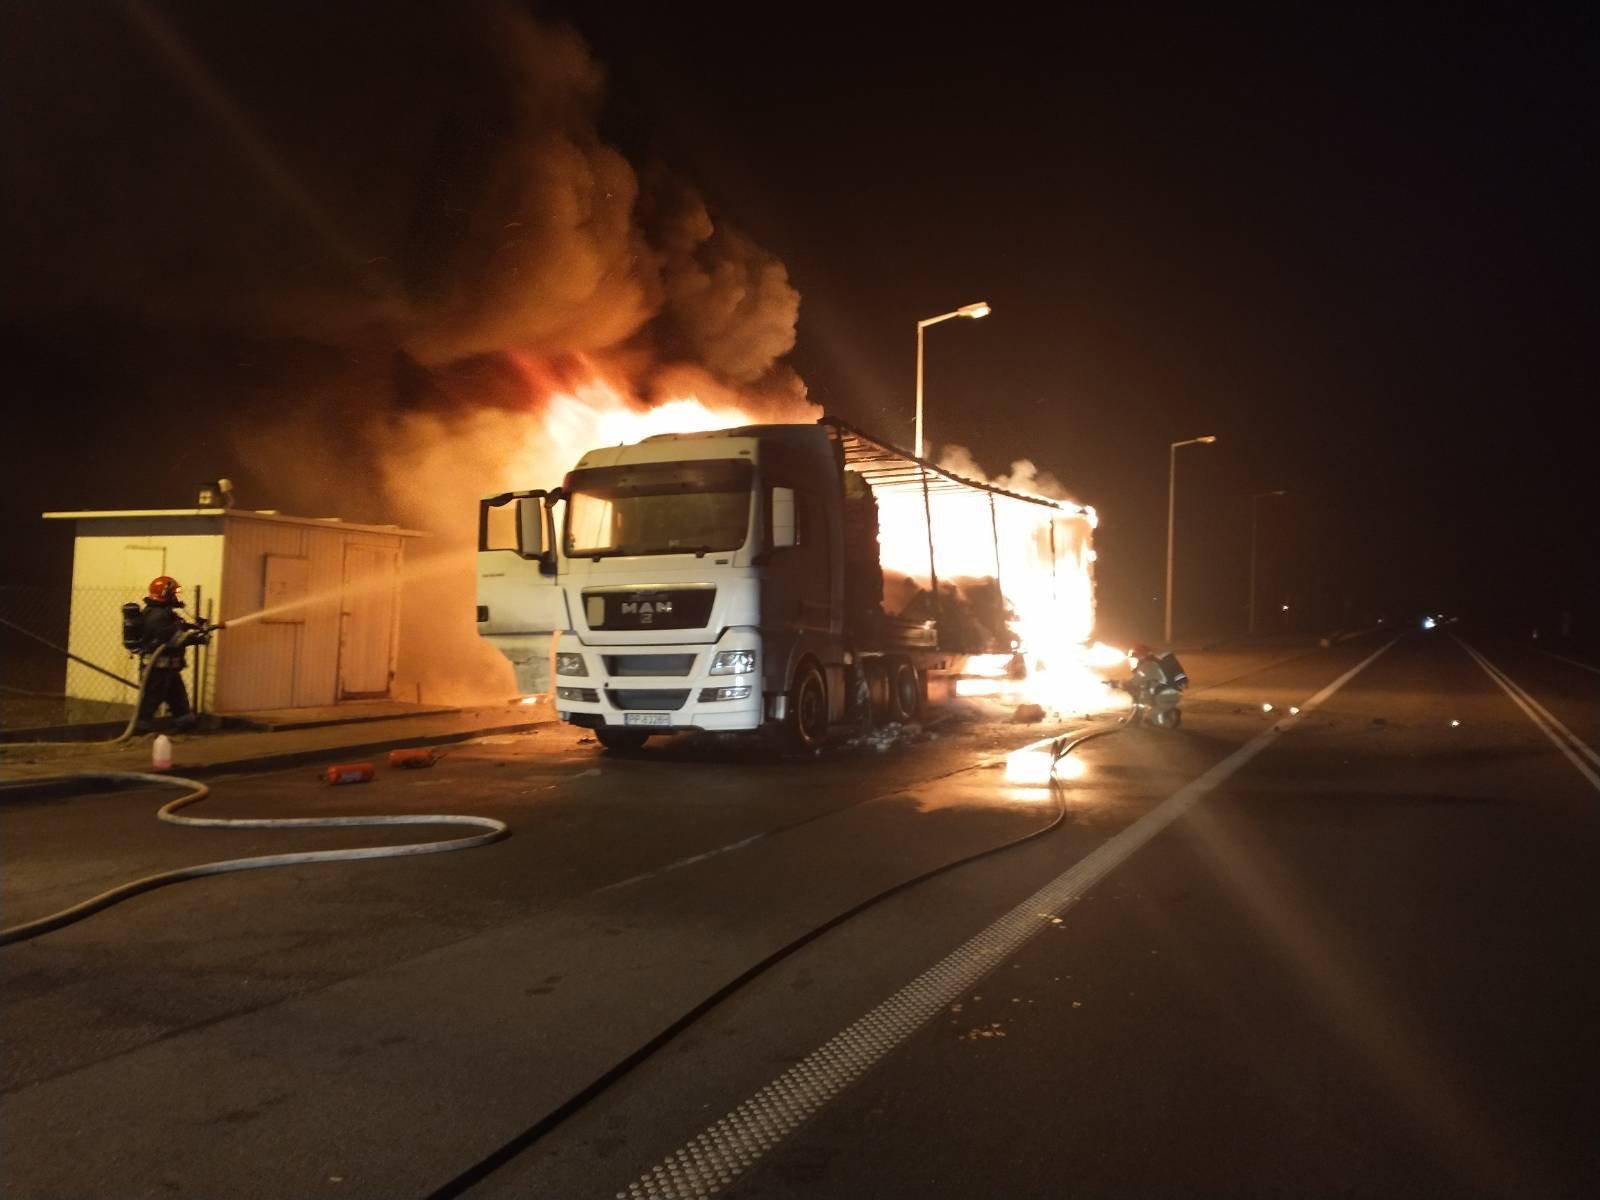 [ZDJĘCIA] Ciężarówka w ogniu. Nocna akcja straży - Zdjęcie główne